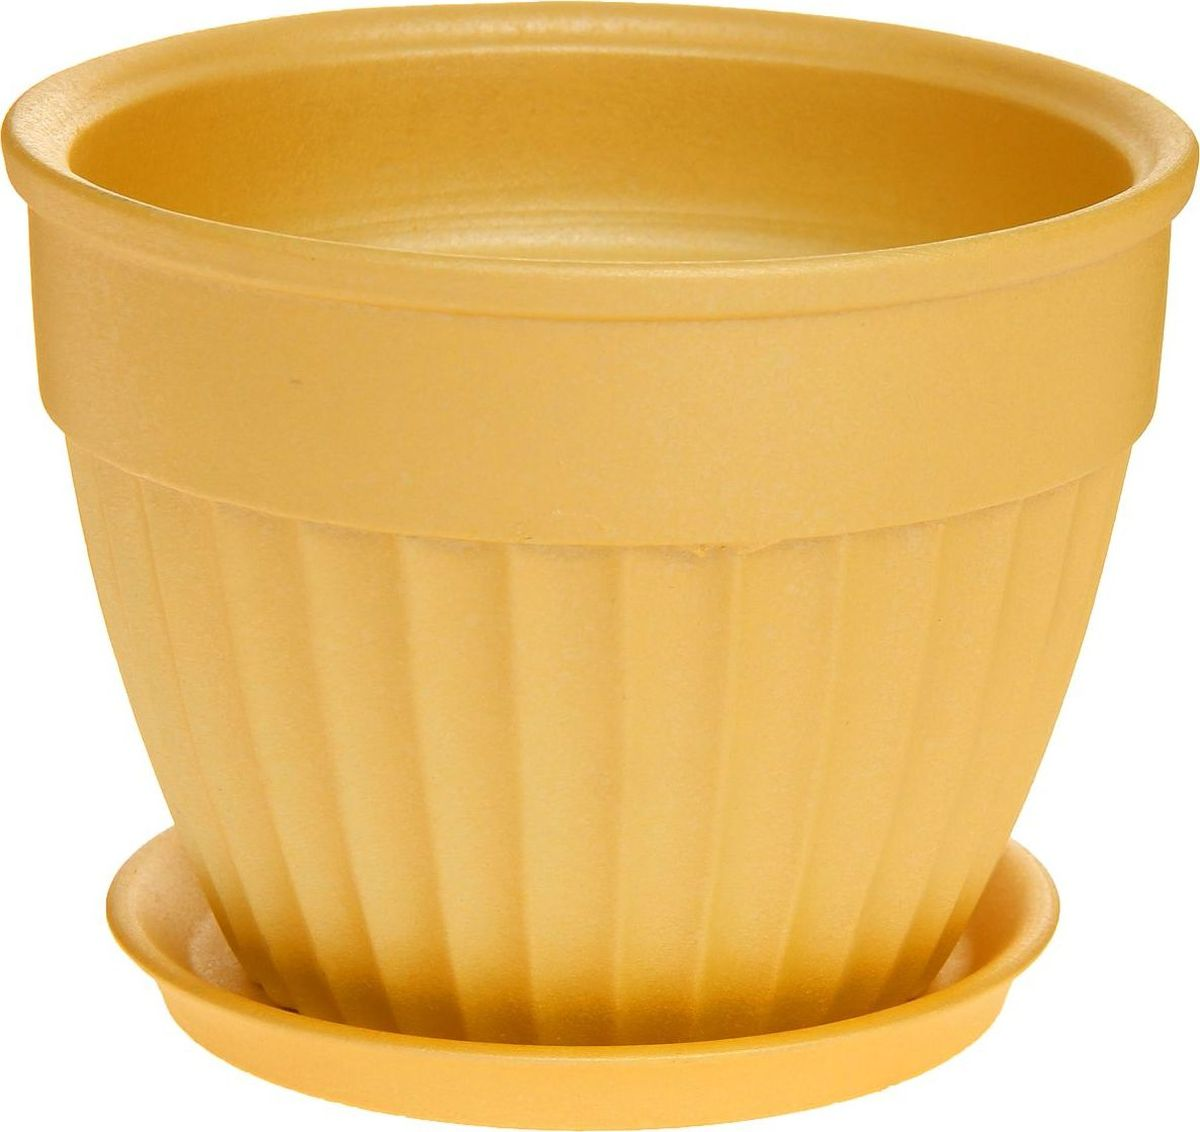 Кашпо Керамика ручной работы Ромашка, цвет: желтый, 1 л1170388Комнатные растения — всеобщие любимцы. Они радуют глаз, насыщают помещение кислородом и украшают пространство. Каждому из них необходим свой удобный и красивый дом. Кашпо из керамики прекрасно подходят для высадки растений: за счёт пластичности глины и разных способов обработки существует великое множество форм и дизайновпористый материал позволяет испаряться лишней влагевоздух, необходимый для дыхания корней, проникает сквозь керамические стенки! #name# позаботится о зелёном питомце, освежит интерьер и подчеркнёт его стиль.